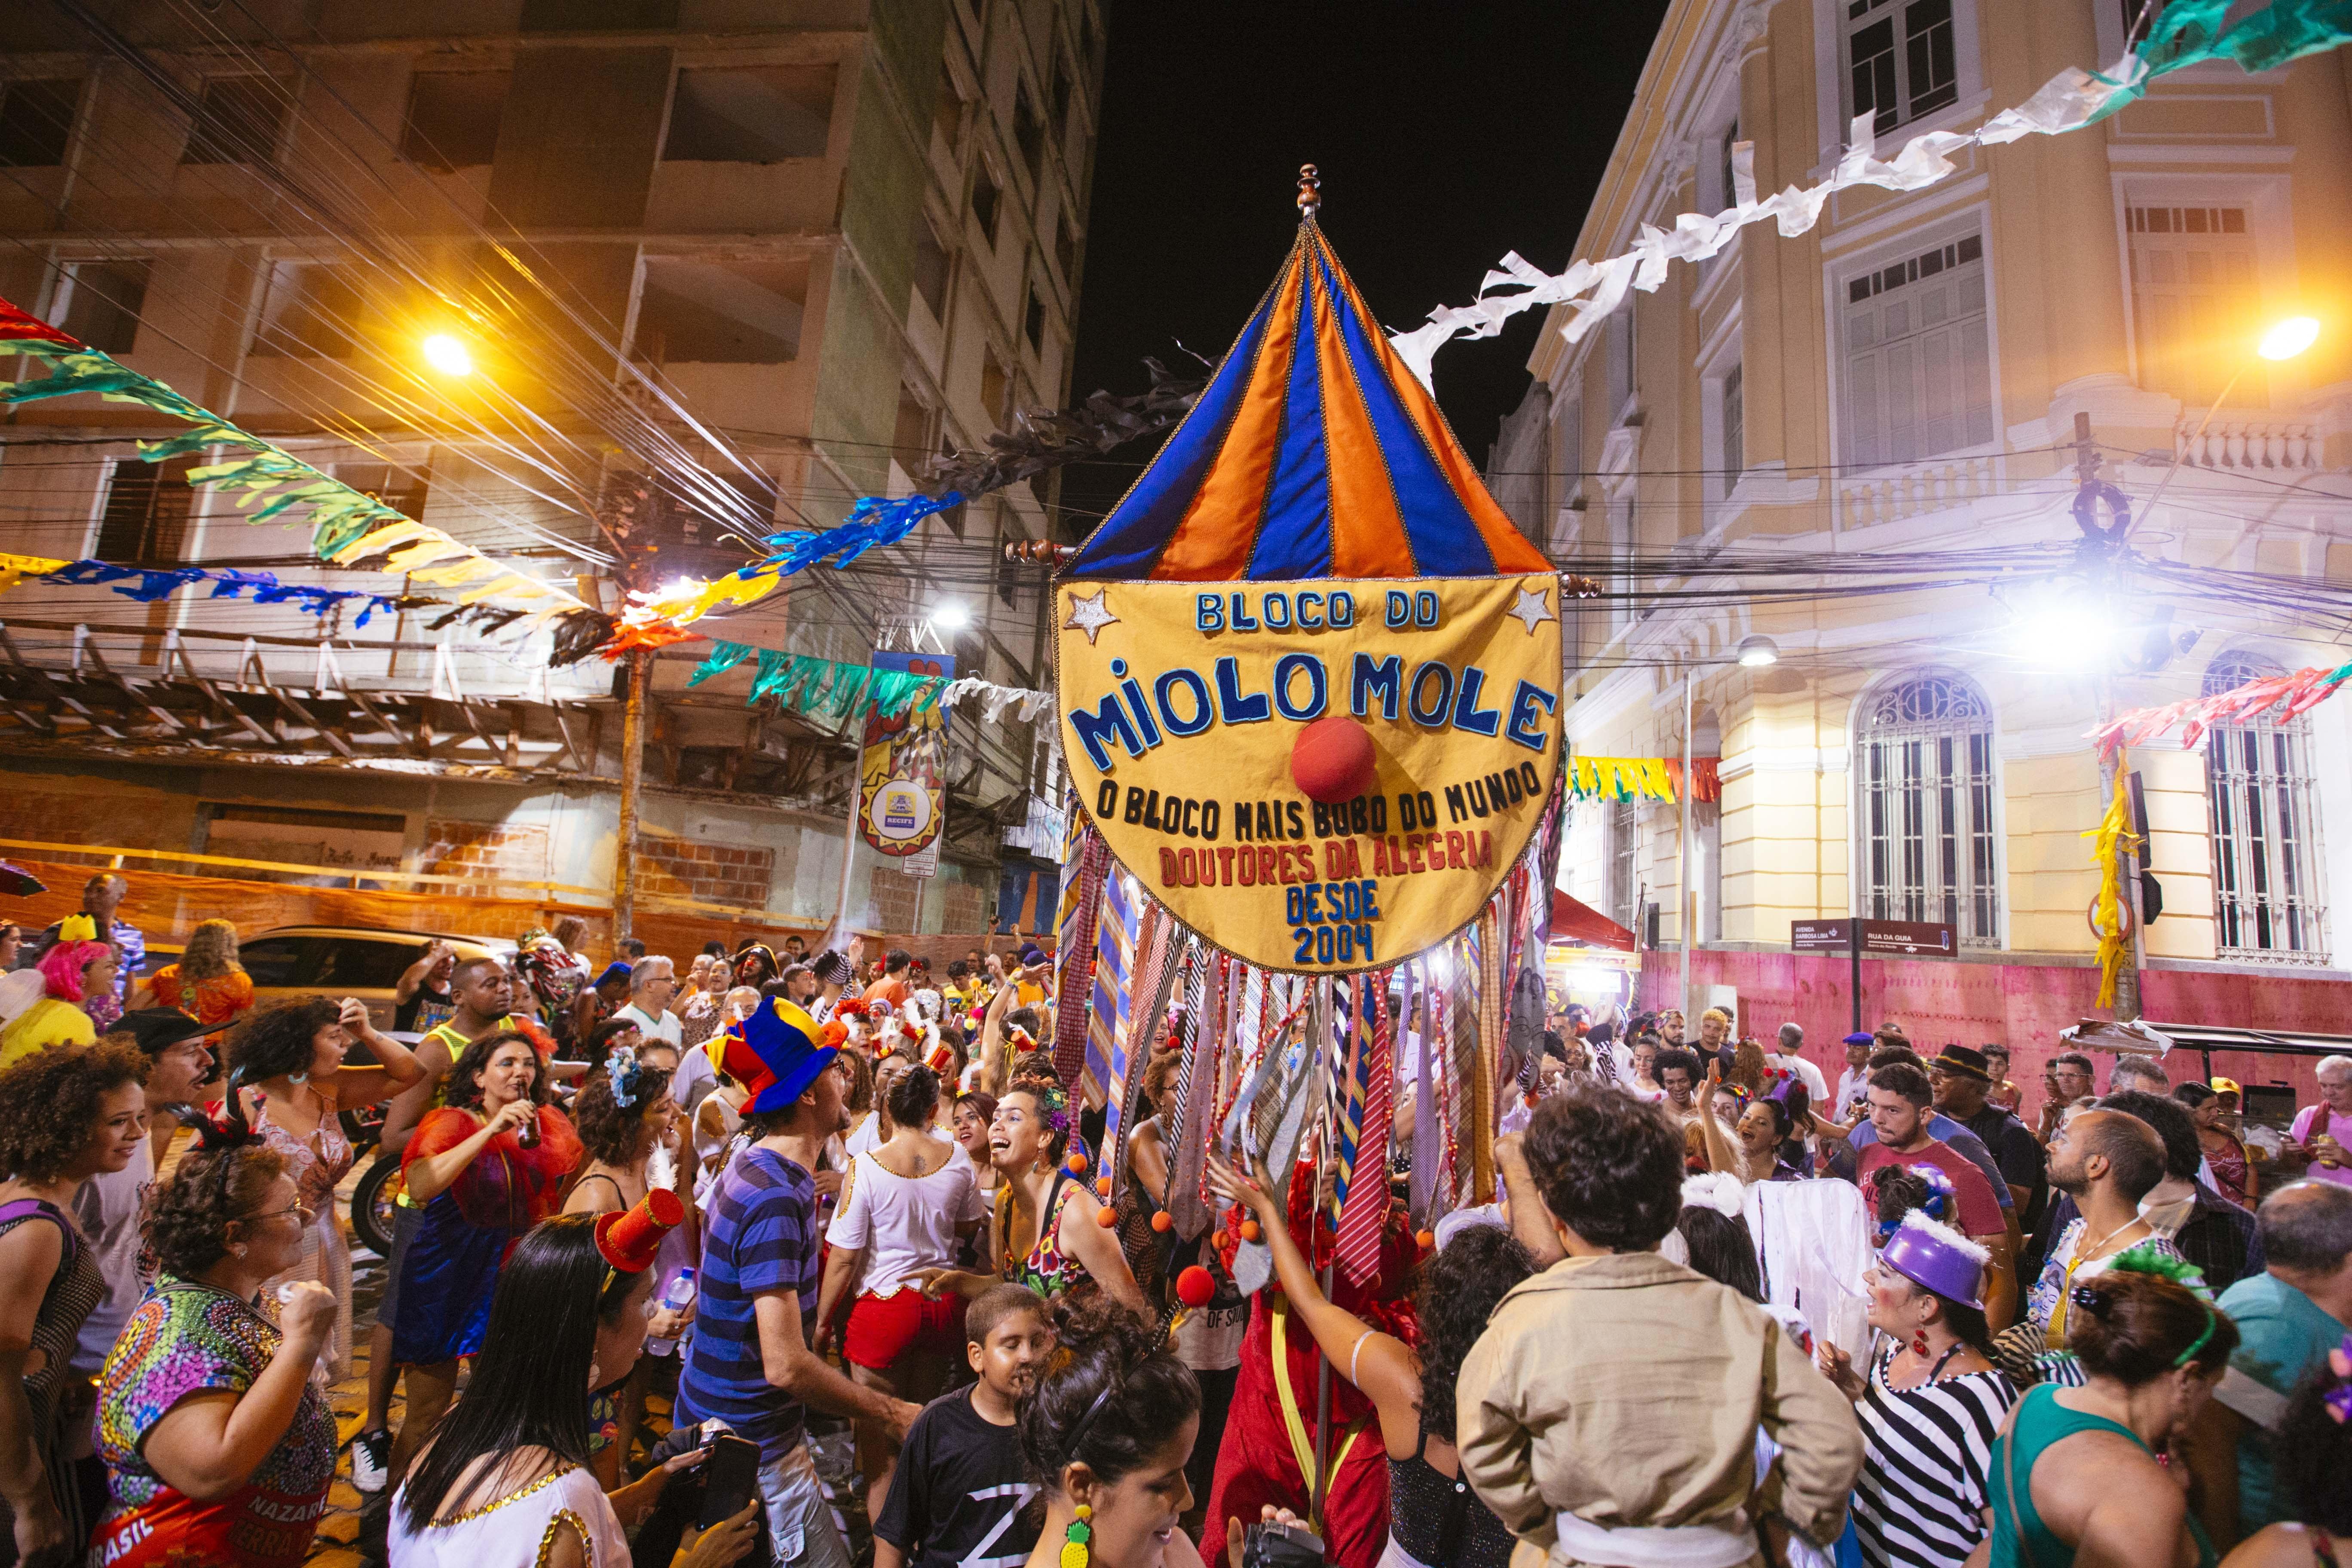 Blocos de carnaval do Doutores da Alegria nos hospitais já têm data